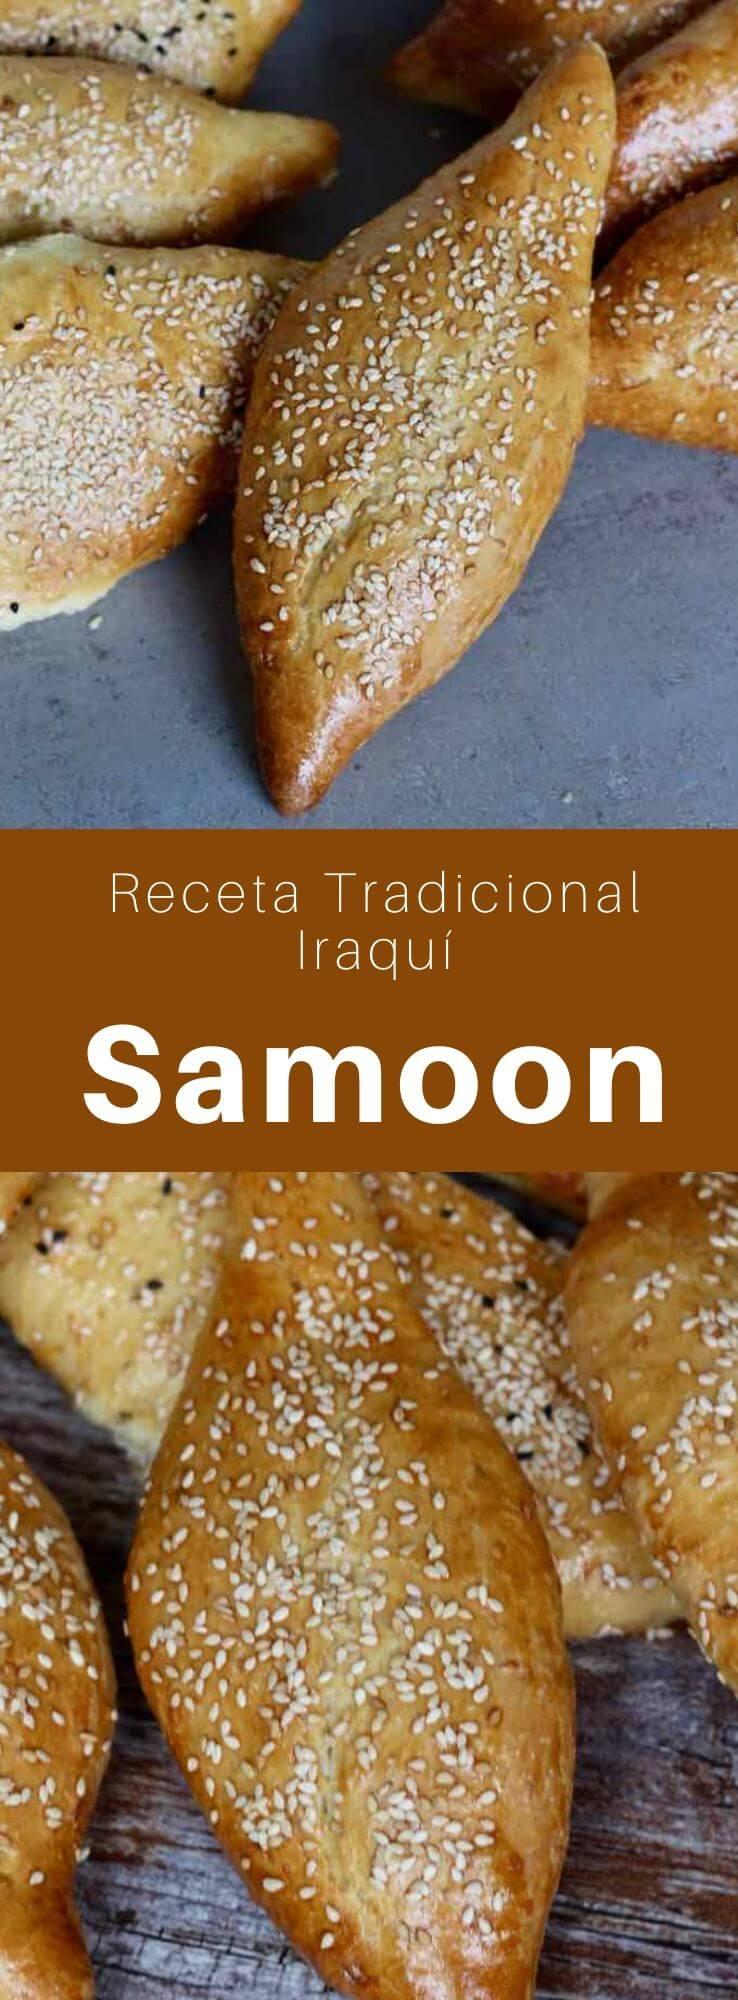 El samoon es uno de los panes más populares de Iraq. Existen variaciones en Siria, Líbano, Kuwait y Arabia Saudita.